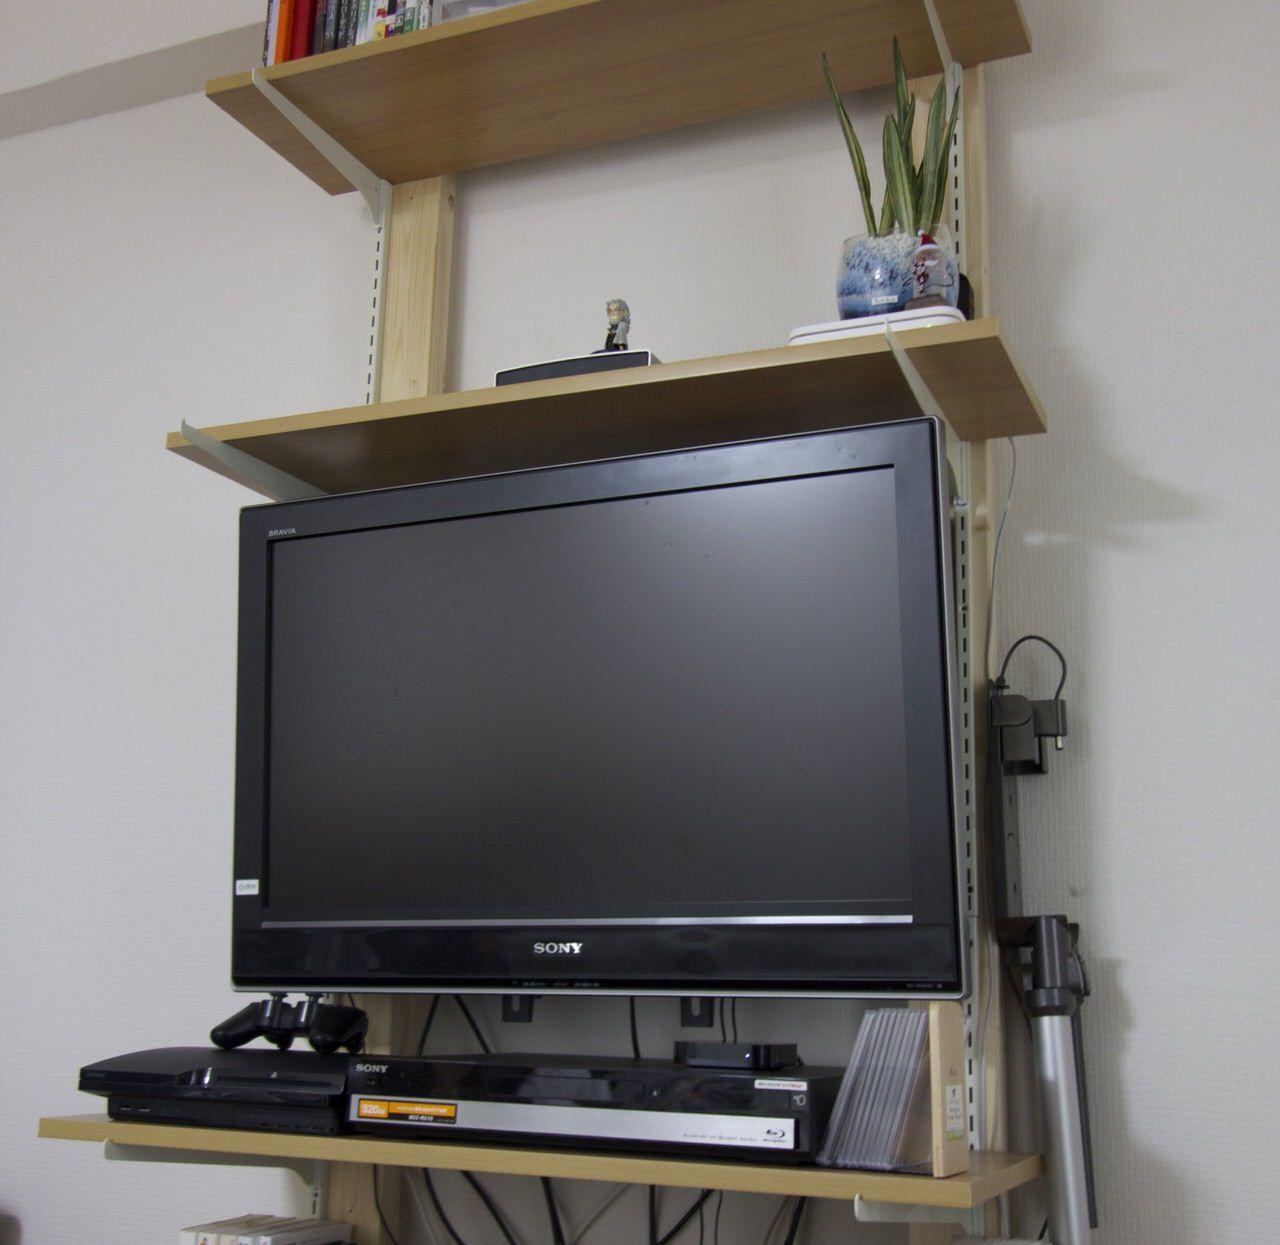 賃貸でこそ 部屋を広く活用するために 壁掛けテレビをおすすめ 今回